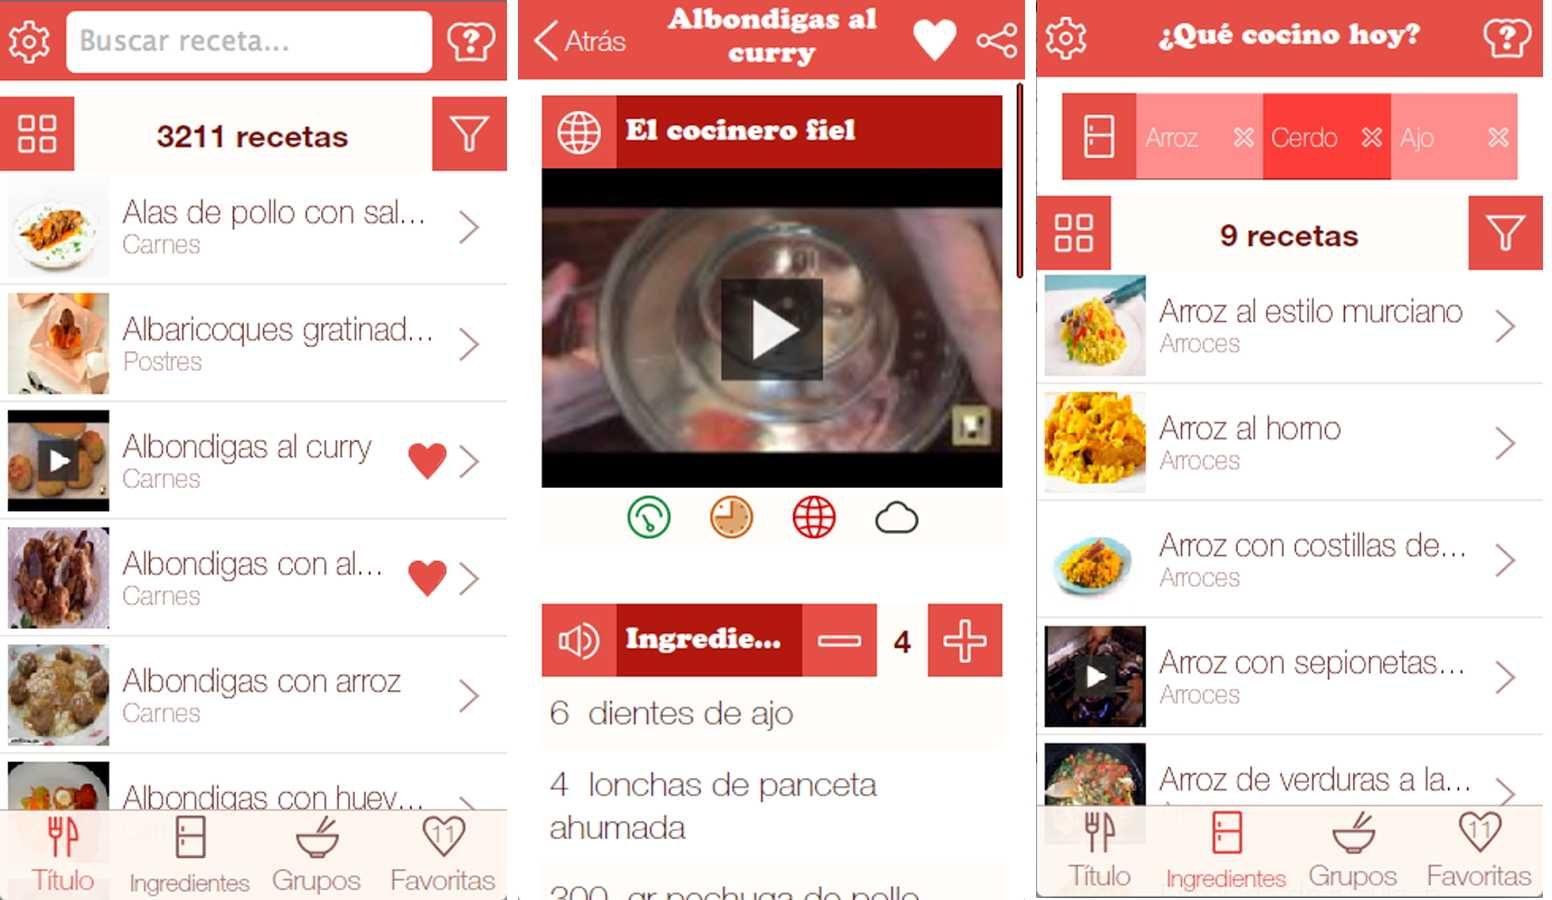 Aplicación de cocina Android ¿Qué cocino hoy?